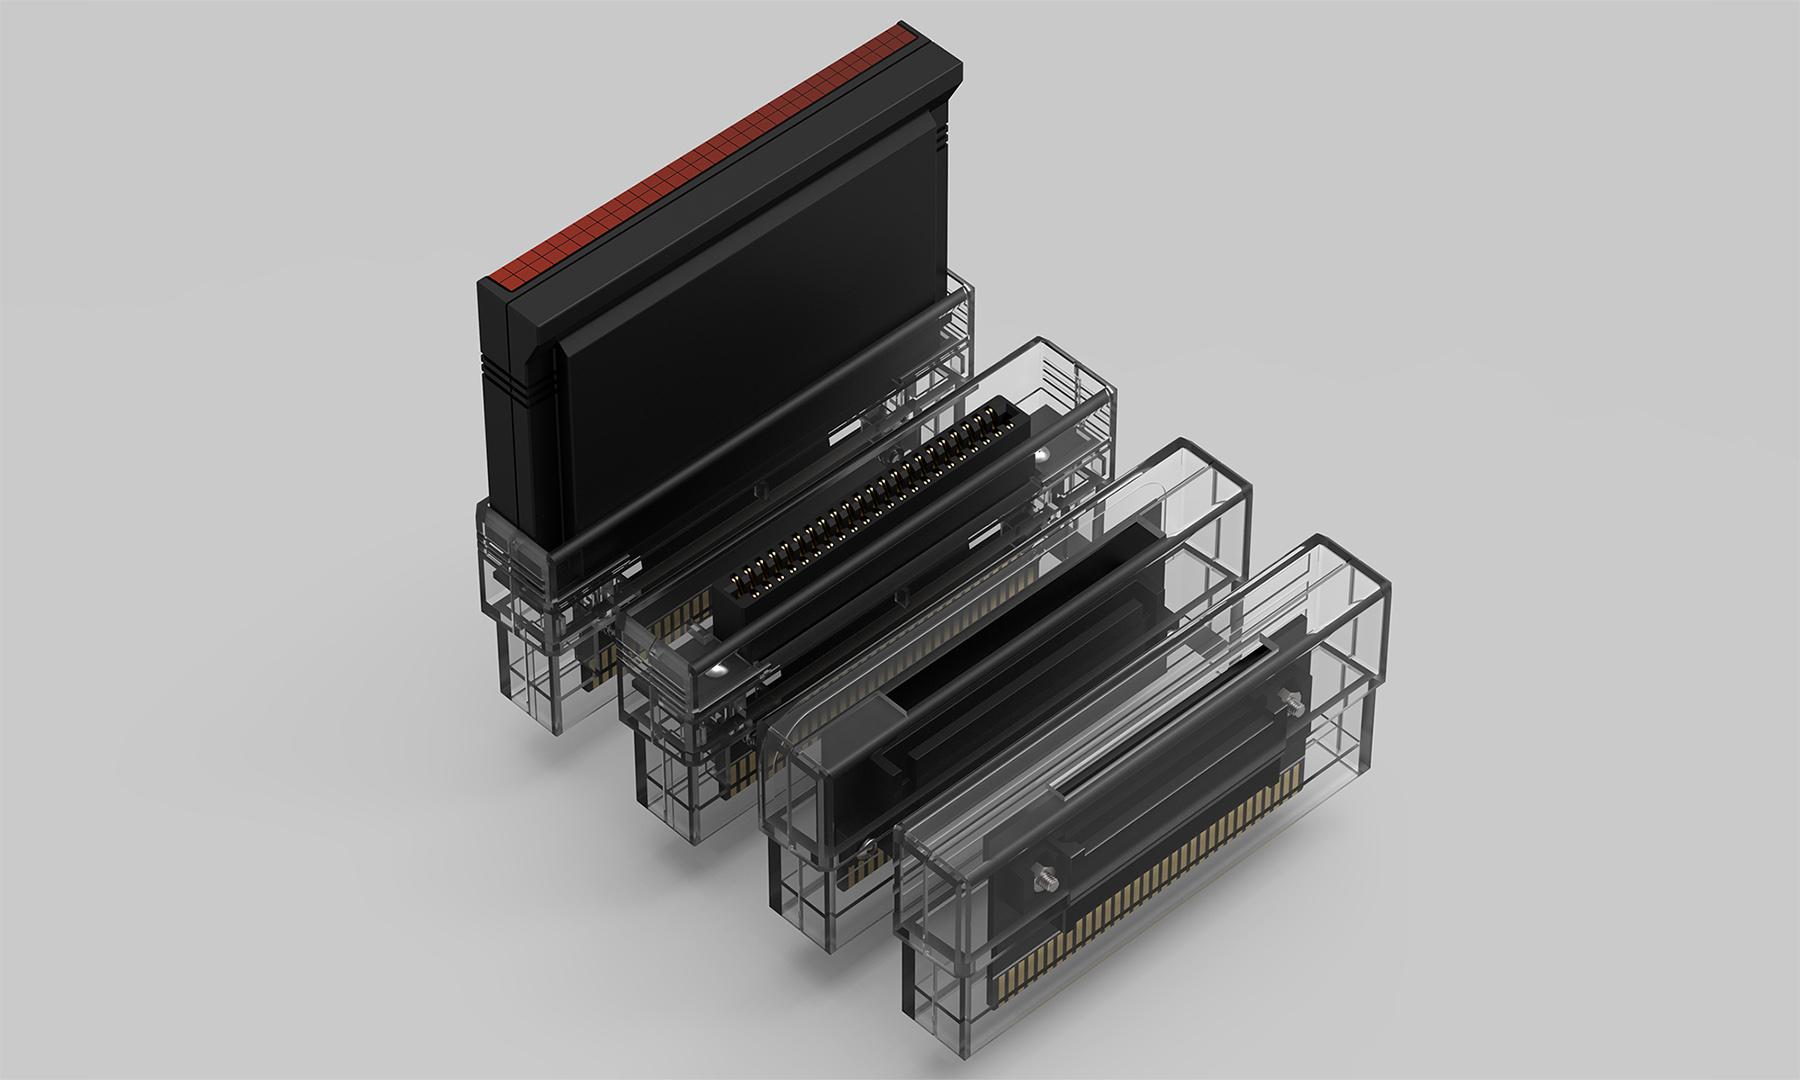 Analogue MegaSG adapters